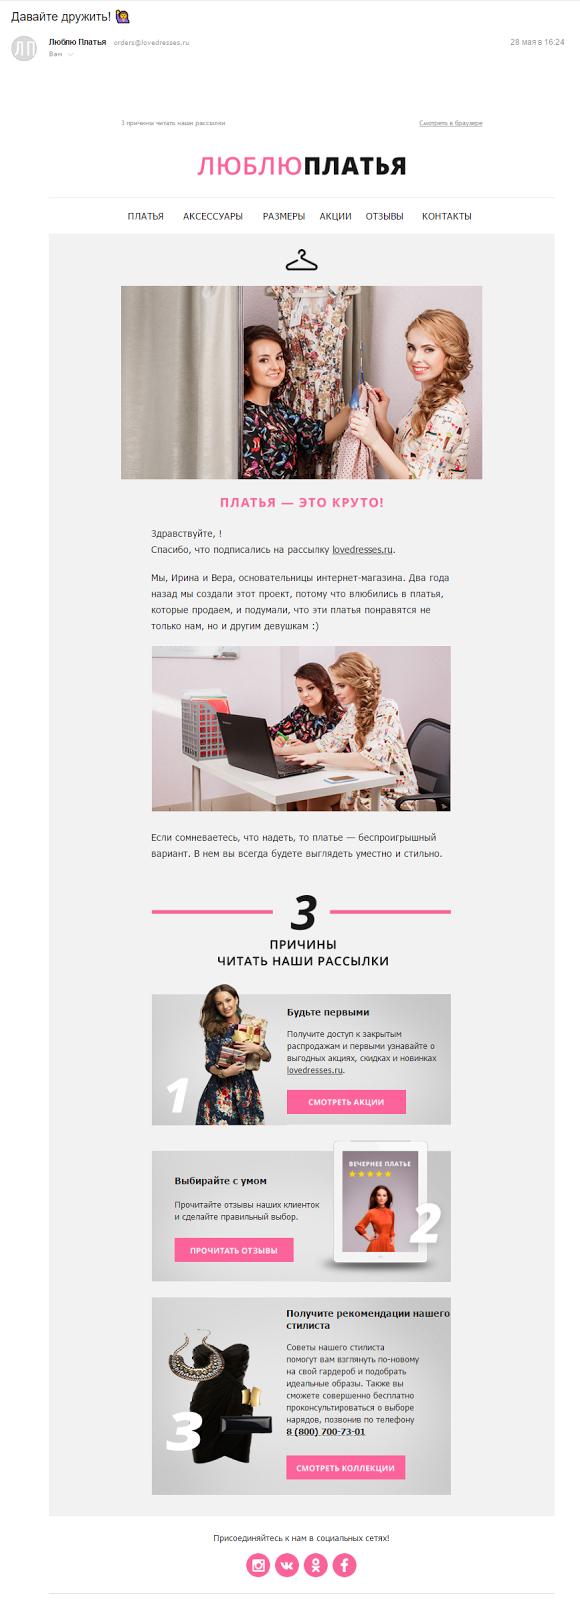 Эффективная емейл-рассылка: советы и приёмы 4